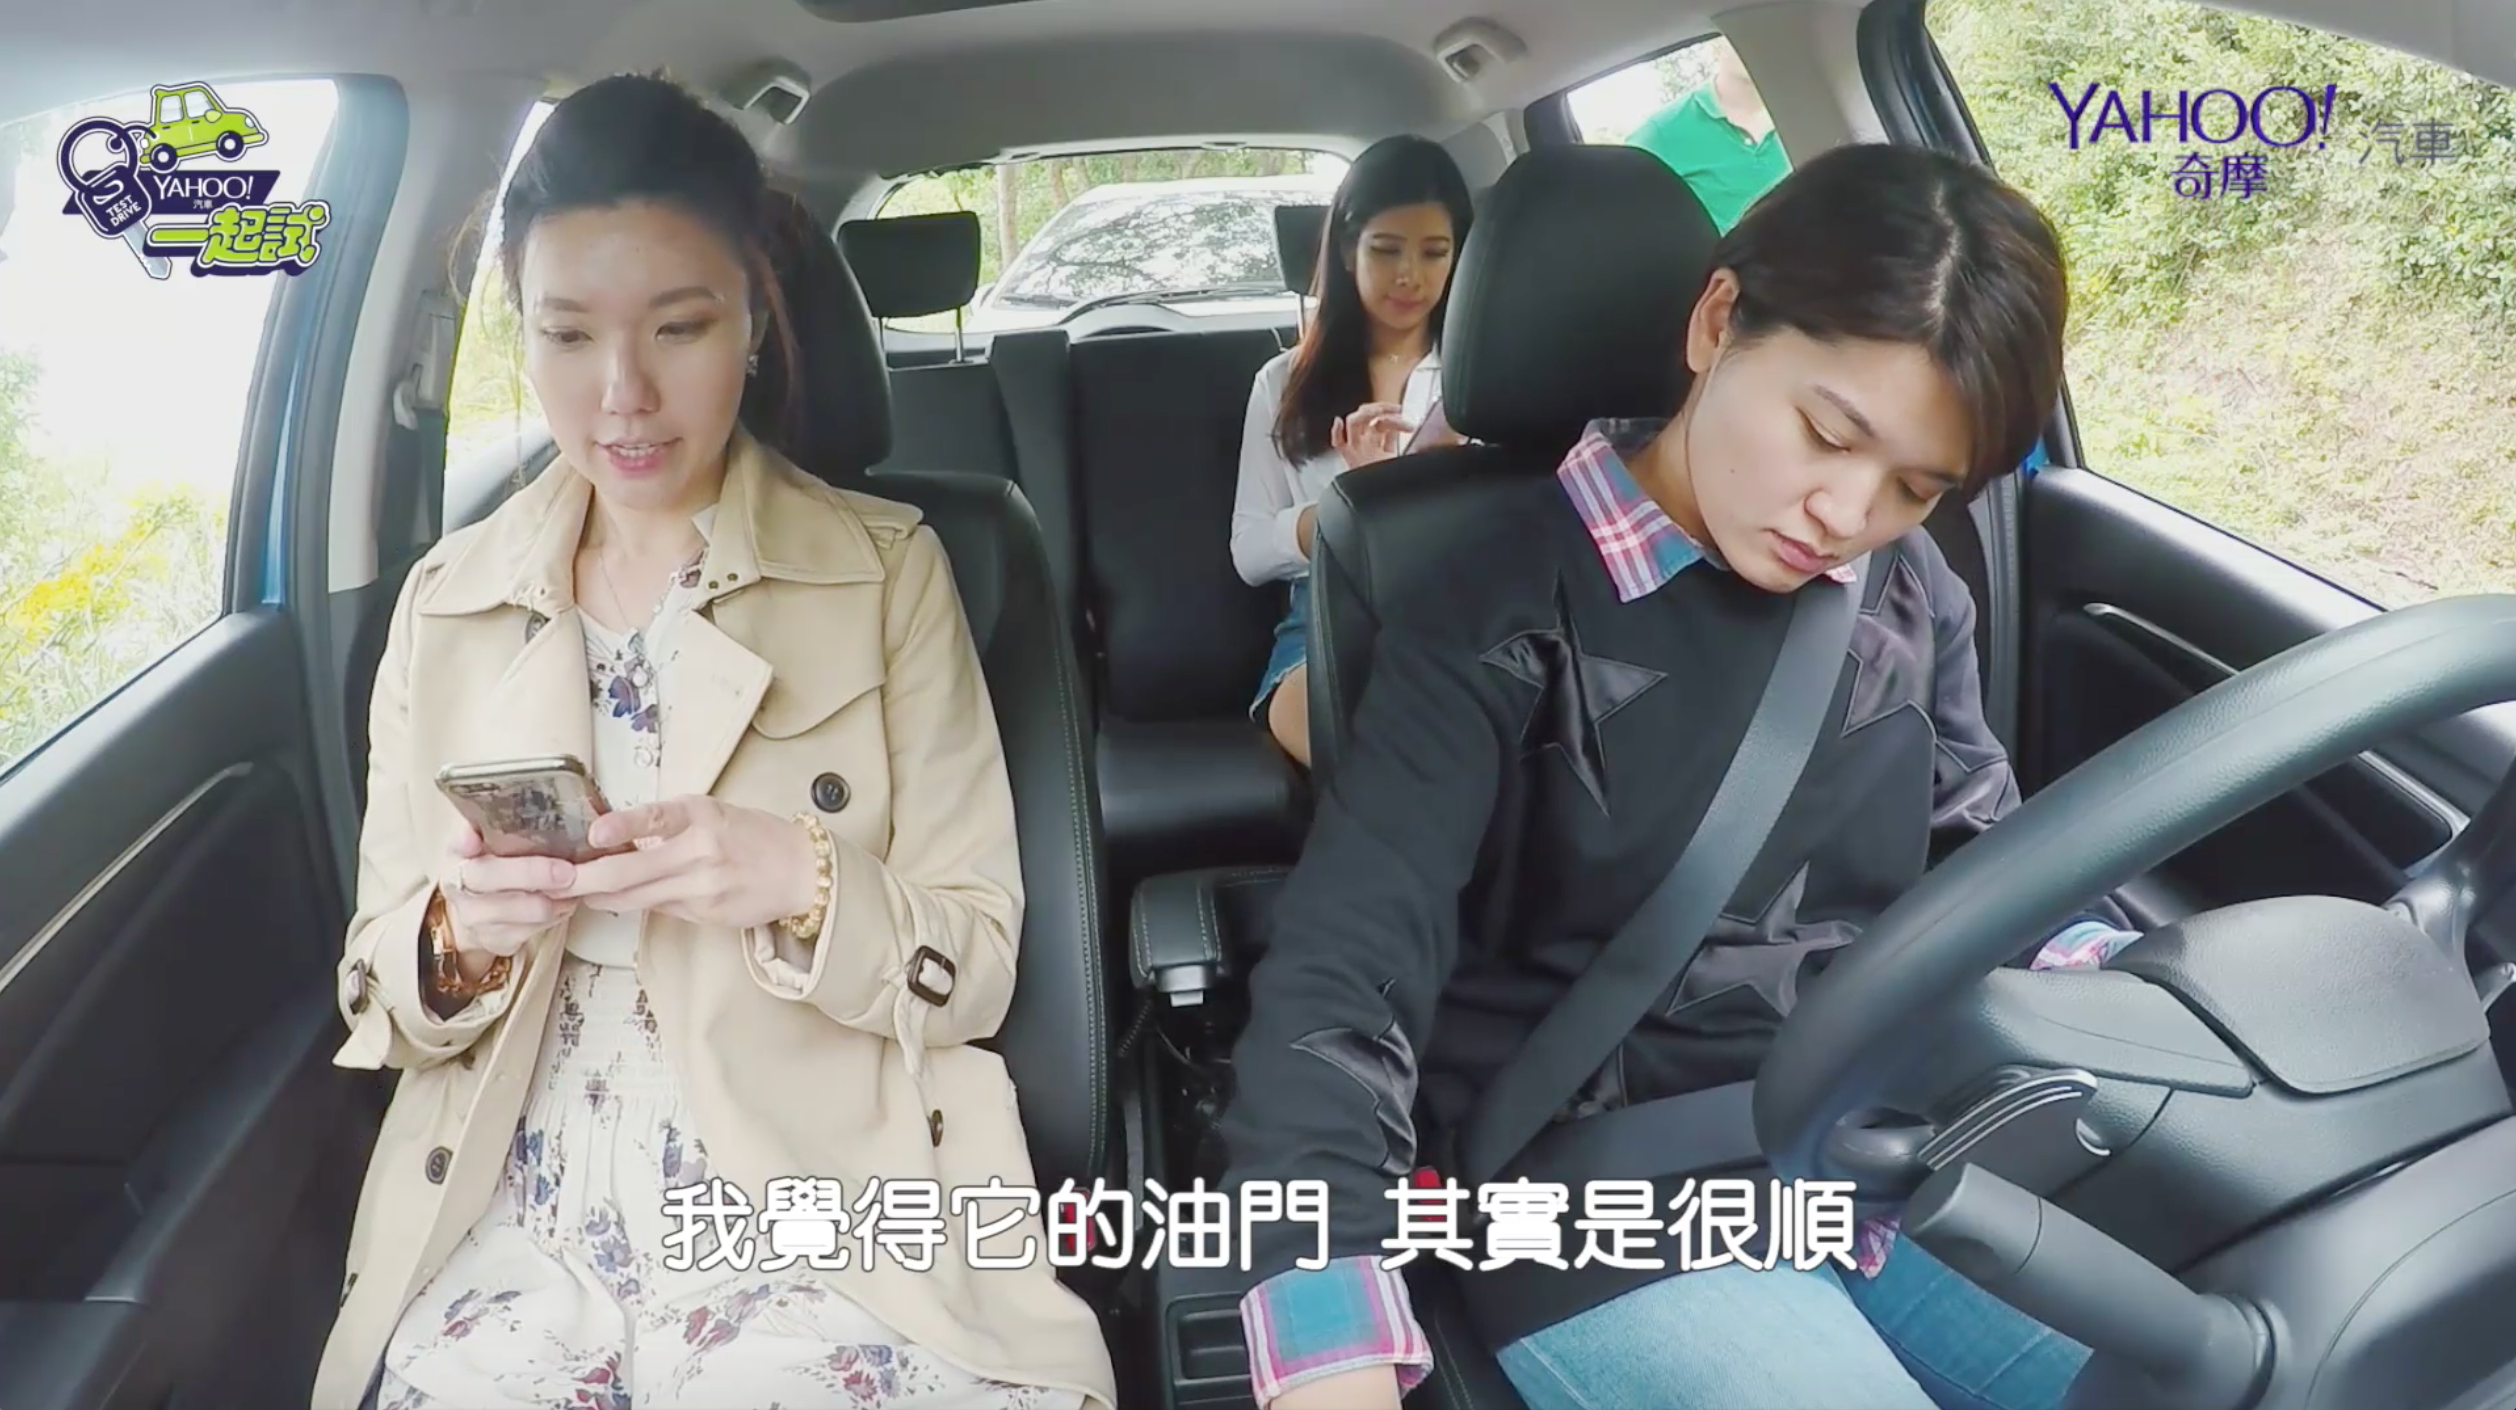 【Yahoo汽車一起試】Vol.4 座椅舒適輕鬆好開,適合女生開的小車Honda Fit